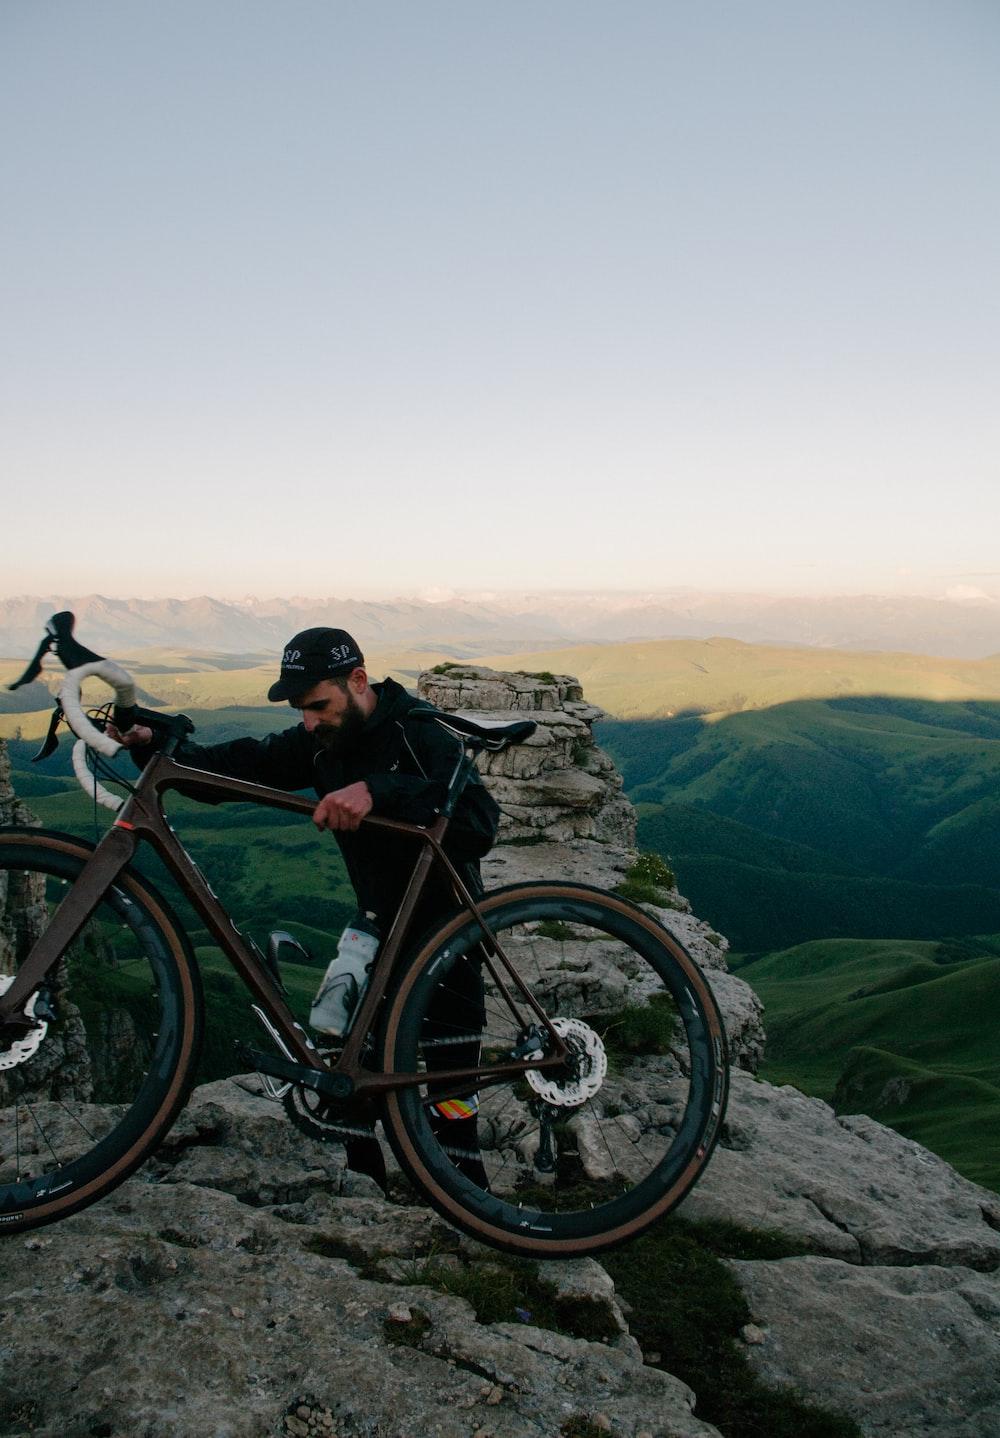 vélor rout VTT gravel bike